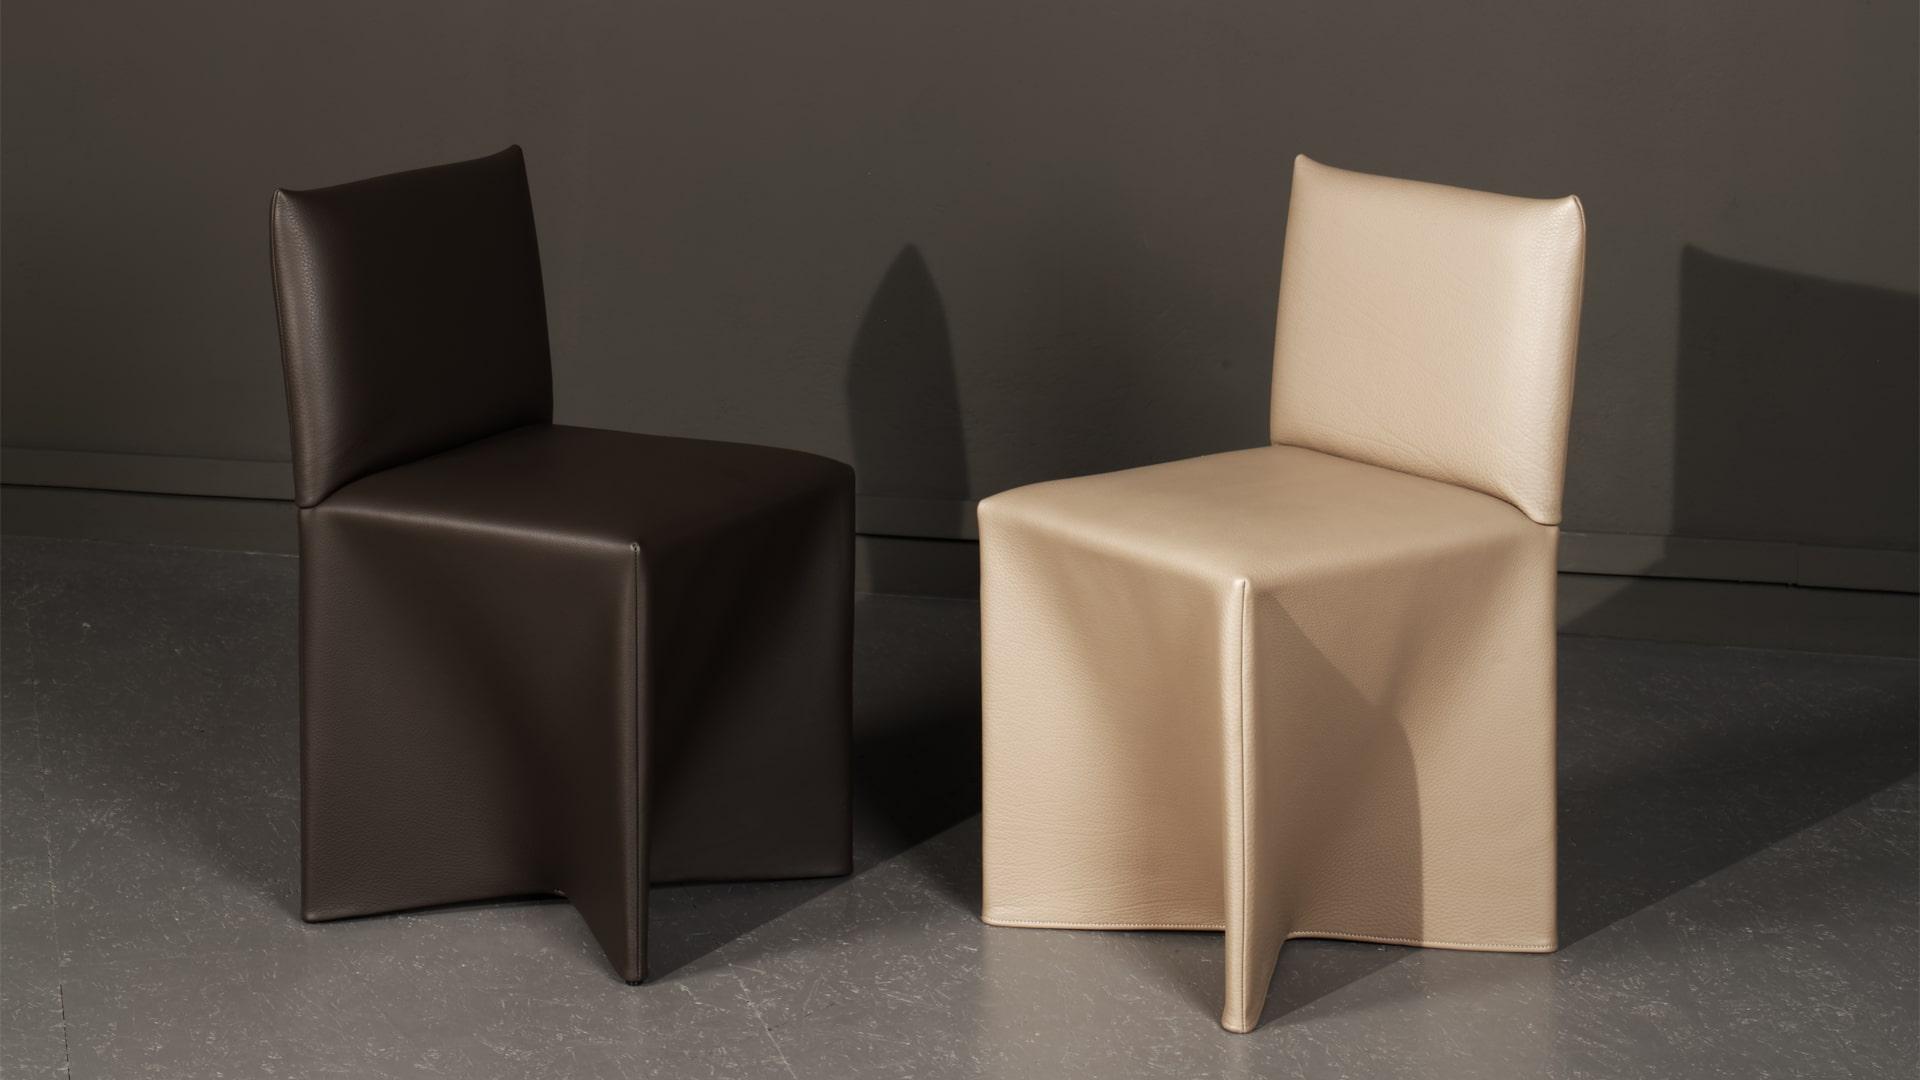 Deux chaises Cornette du designer Martin Szekely, réalisées par Domeau et Pérès, en cuir beige et en cuir marron.